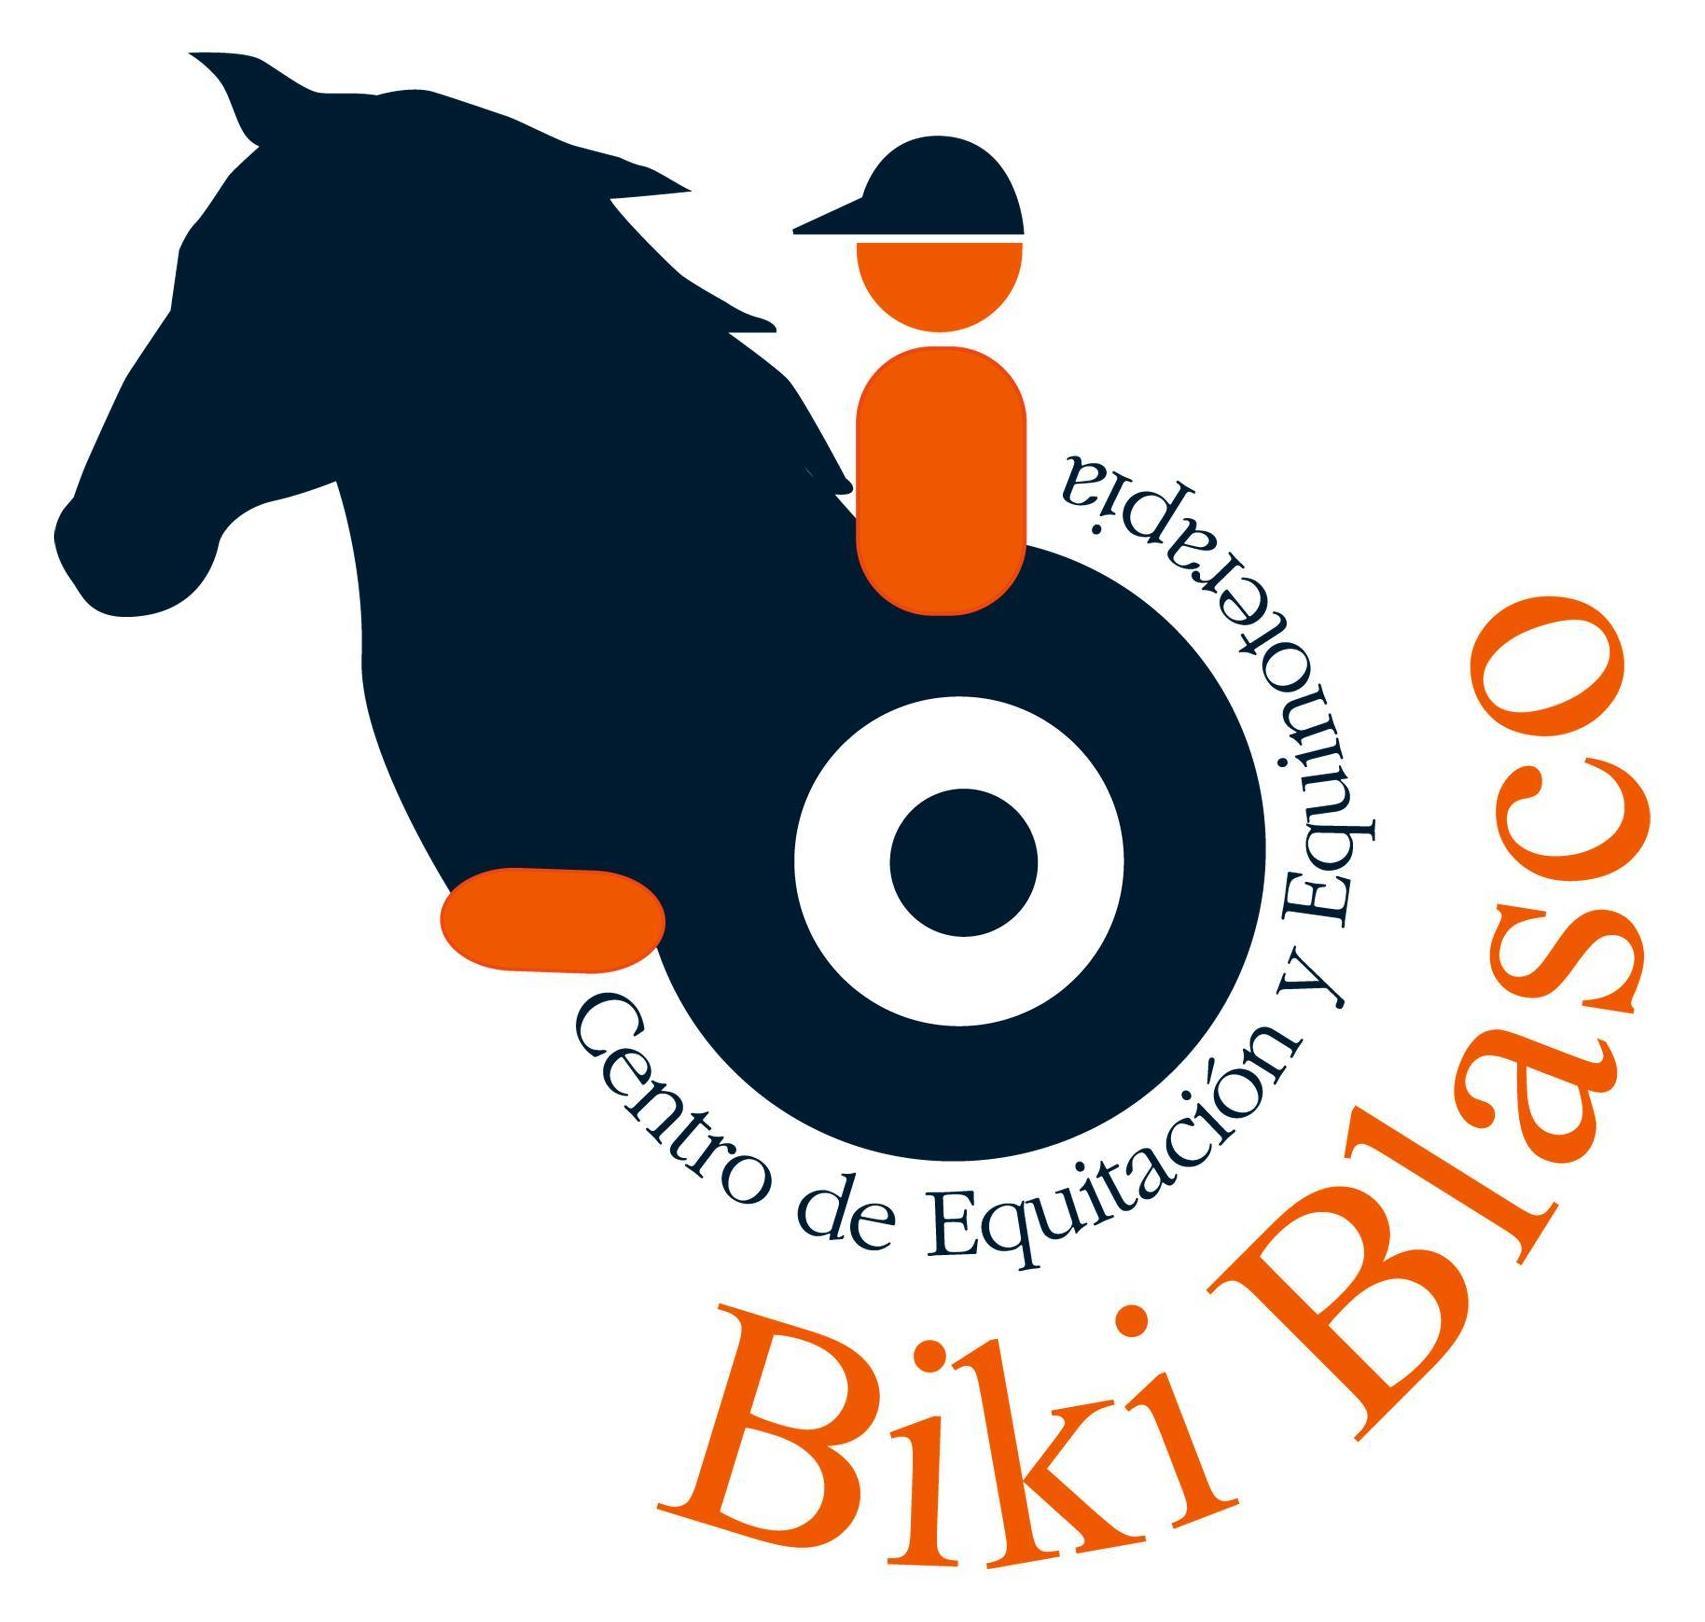 Foto 1 de Centro de equitación y equinoterapia en Labiano | Centro de Equitación y Equinoterapia Biki Blasco